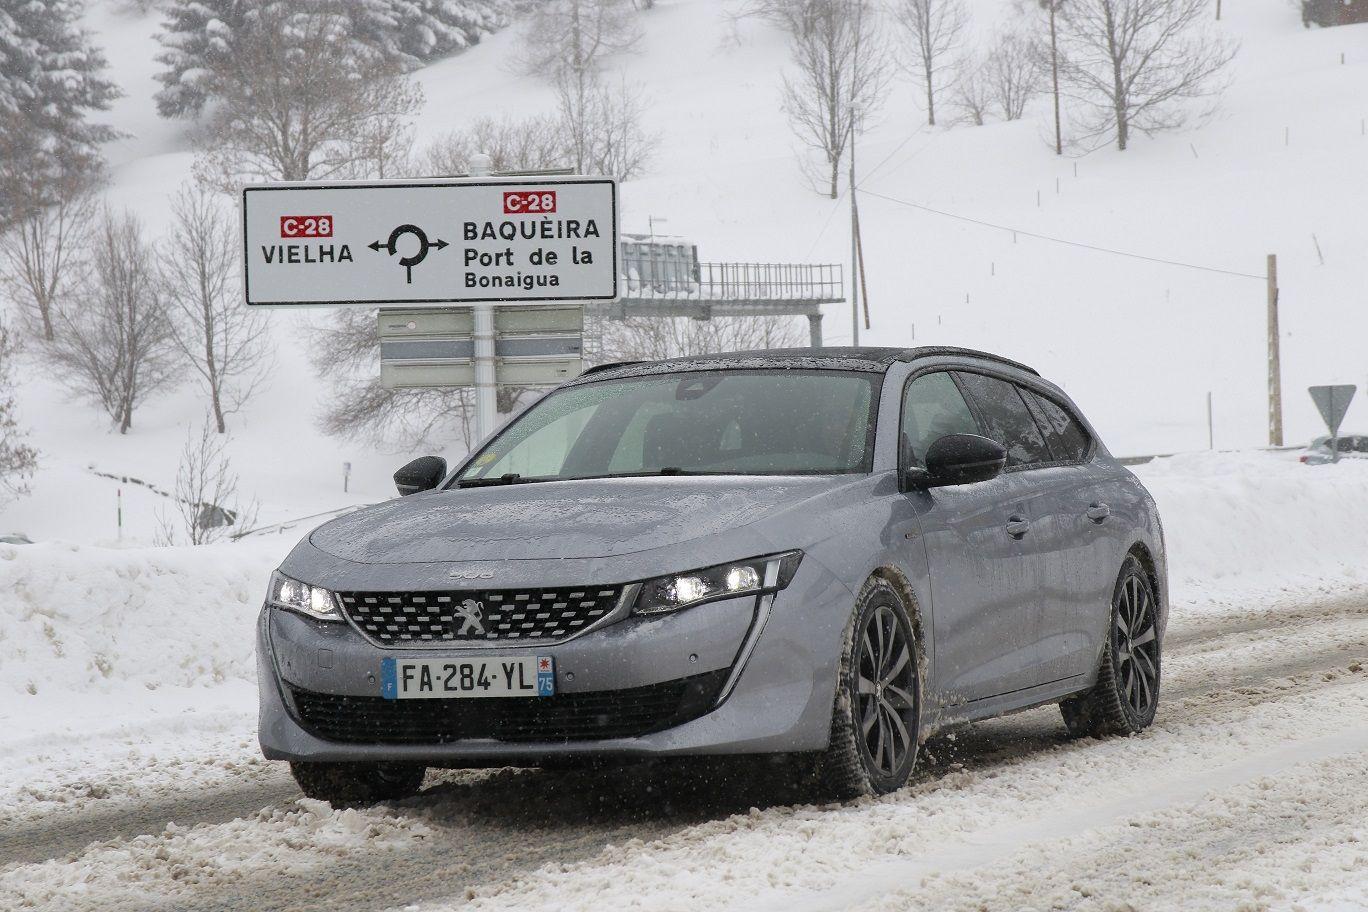 El nuevo Peugeot 508 SW, protagonista de la Winter Experience, pruebas que ponen al límite los lanzamientos de la Marca